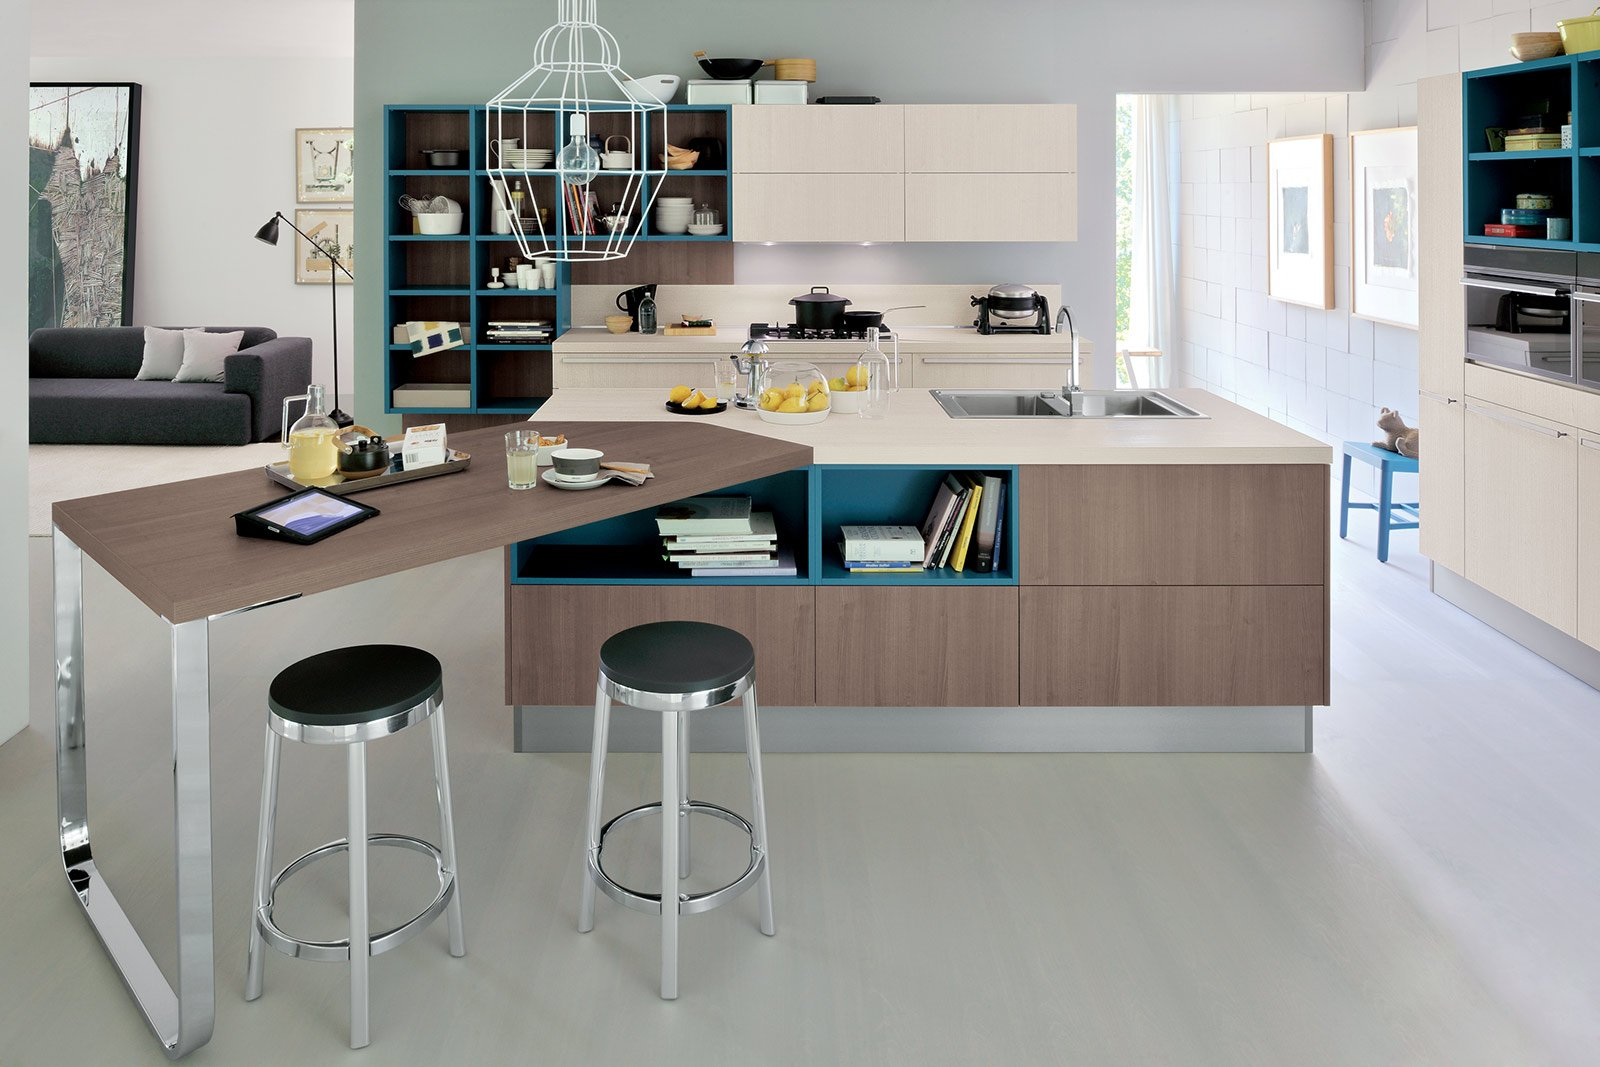 Banco snack pratico e conviviale cose di casa for Piccoli piani di un piano